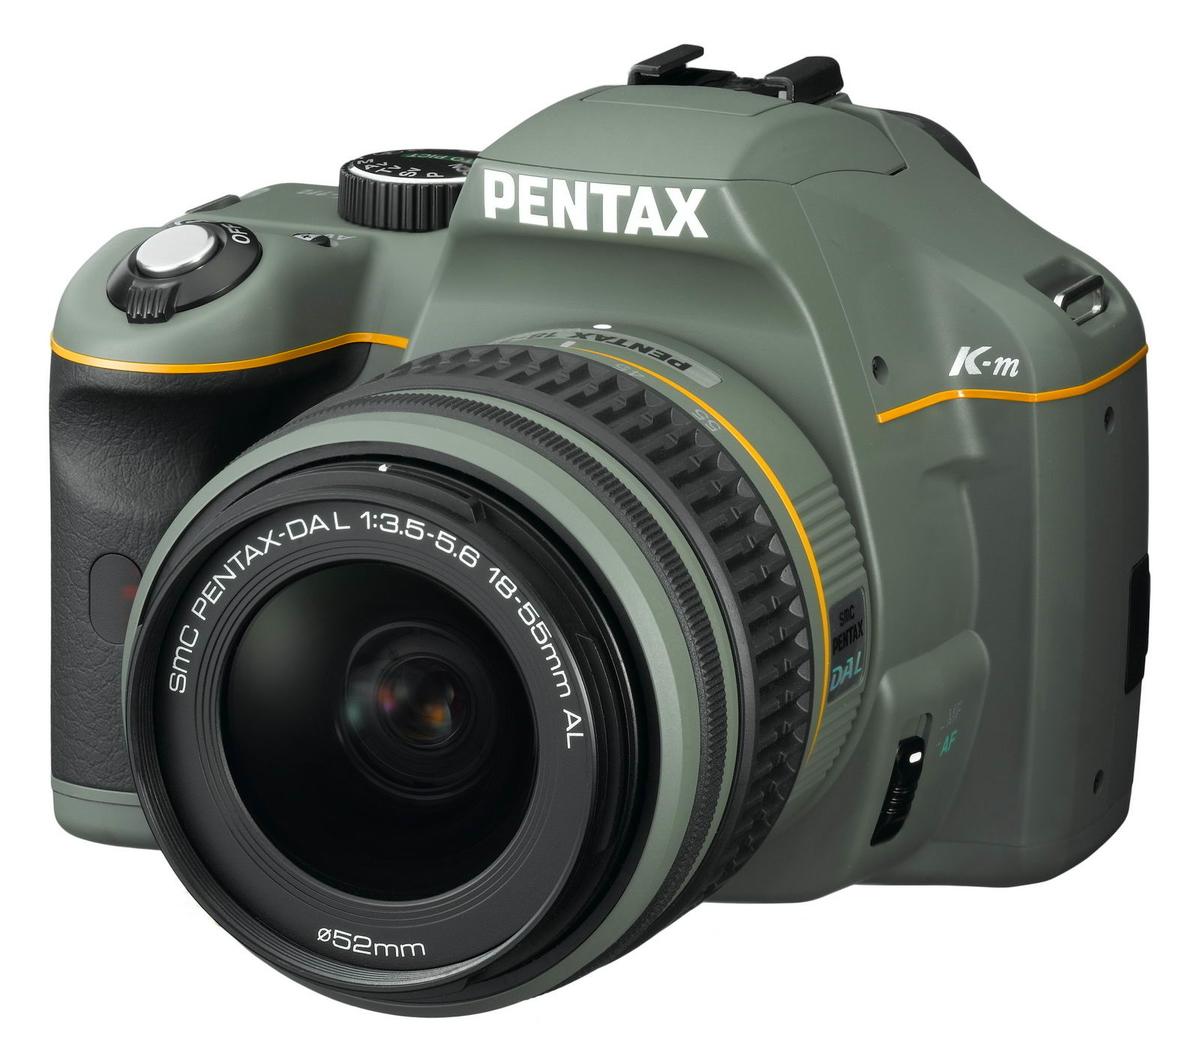 f:id:pentax-ricoh:20200605205234j:plain